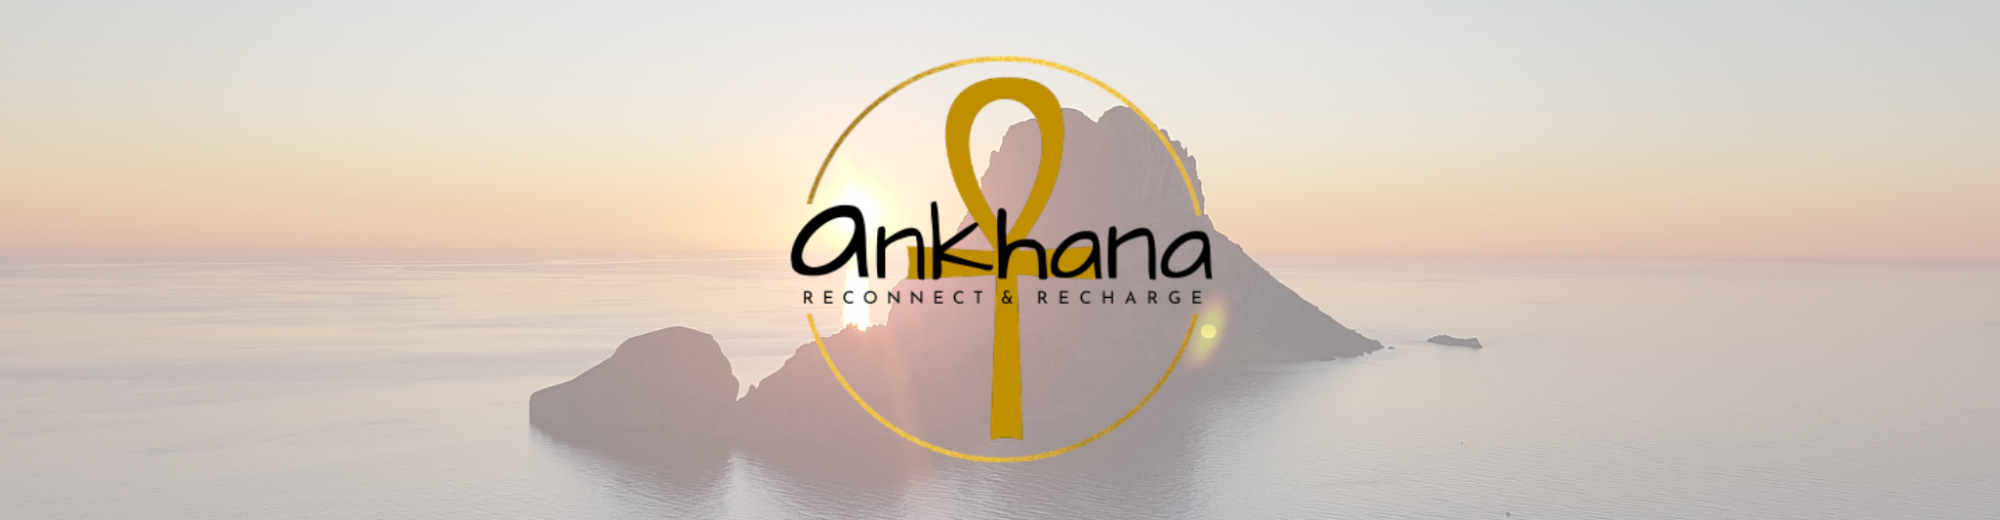 Ankhana